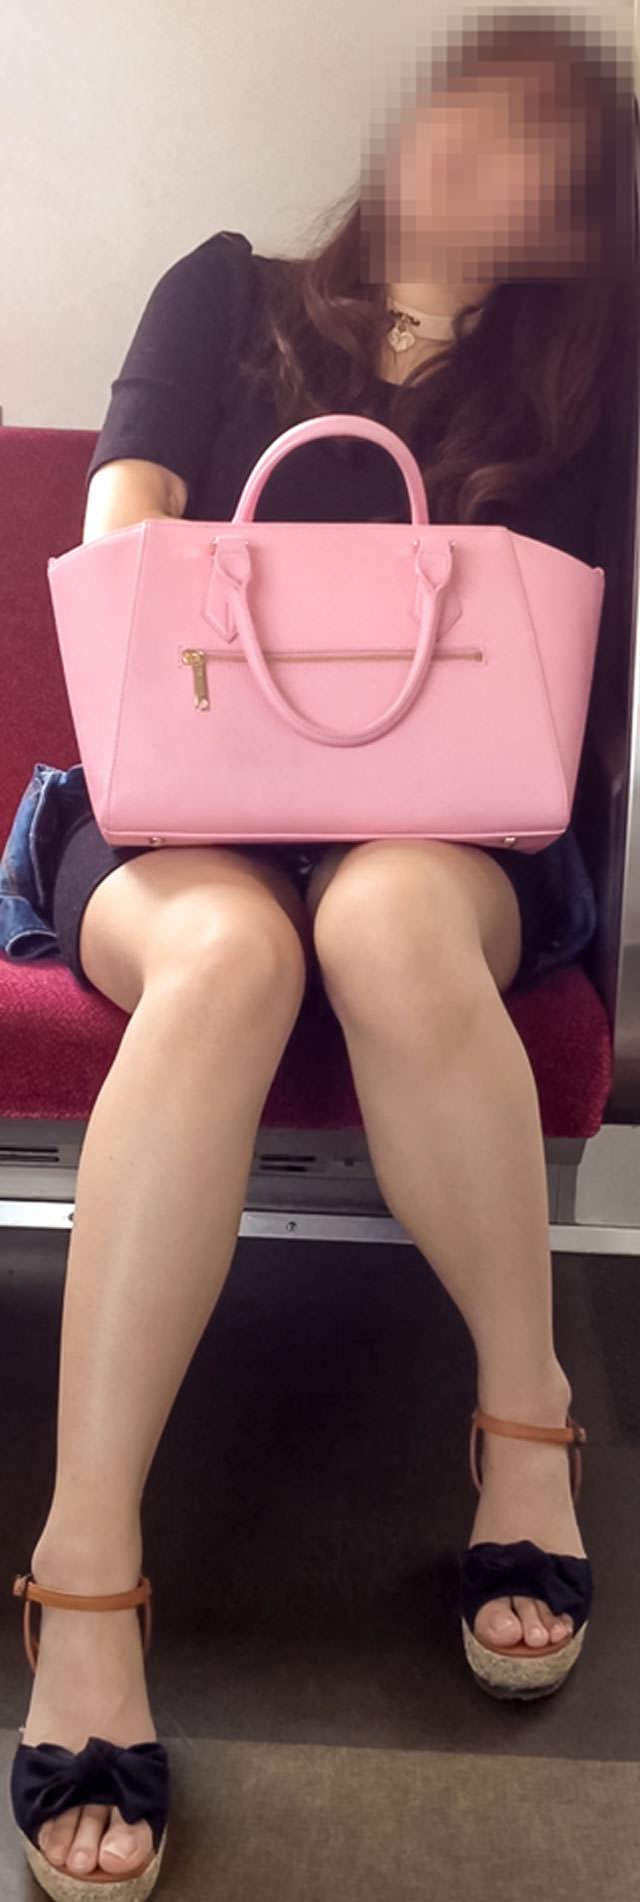 電車内って視線を低くするだけでパンチラ天国だろ!!!パンツモロ見え隠し撮りwwww 1616